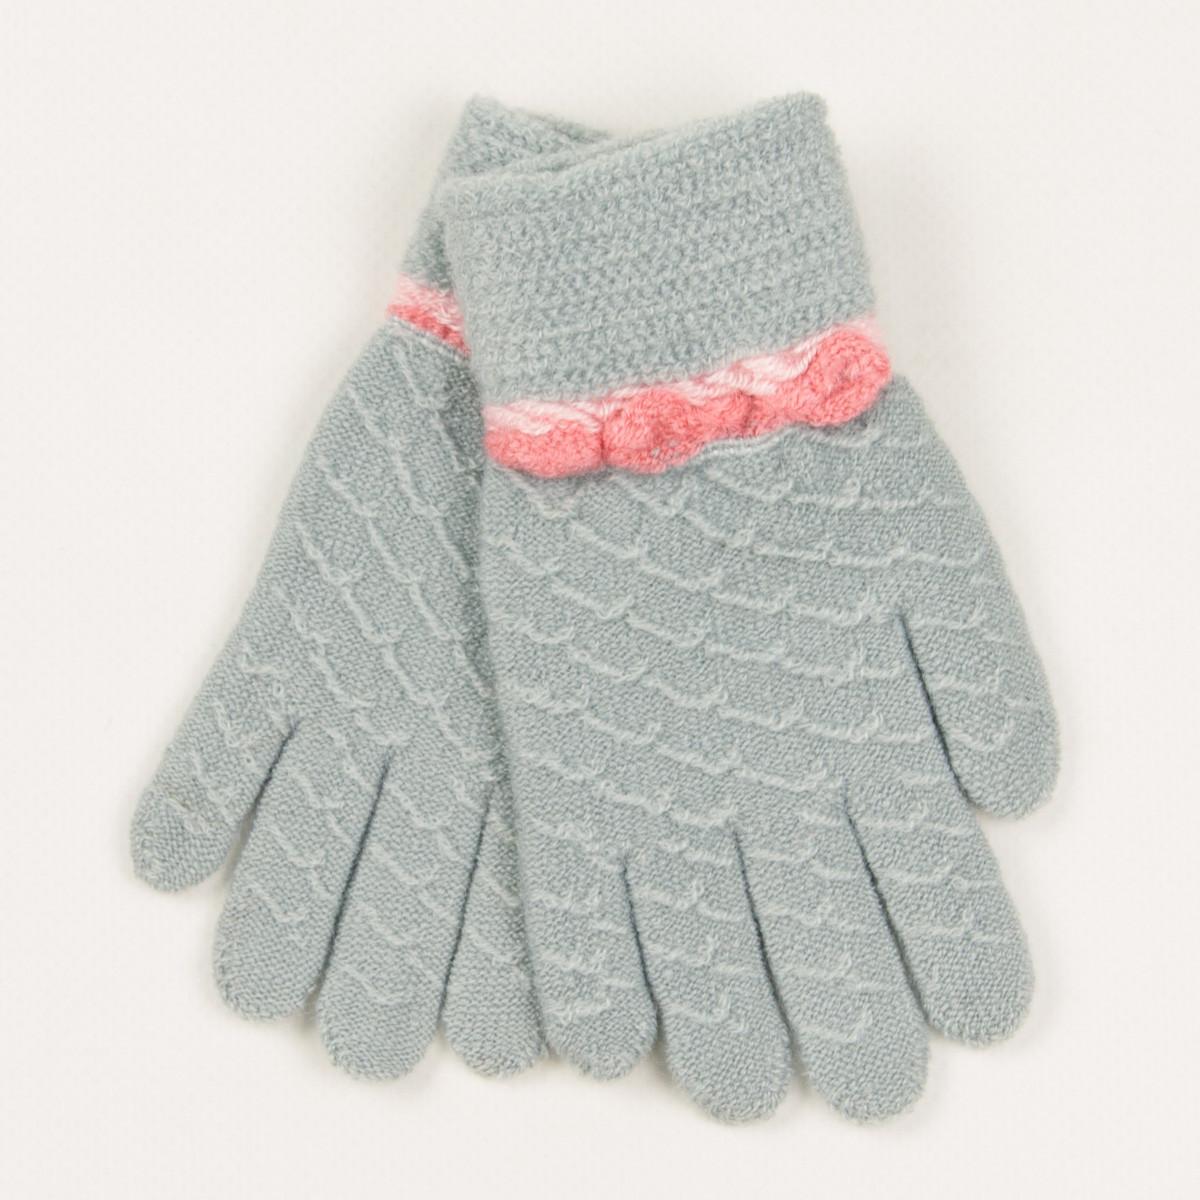 Перчатки для девочек на 2-3 года - 19-7-42 - Светло-серый